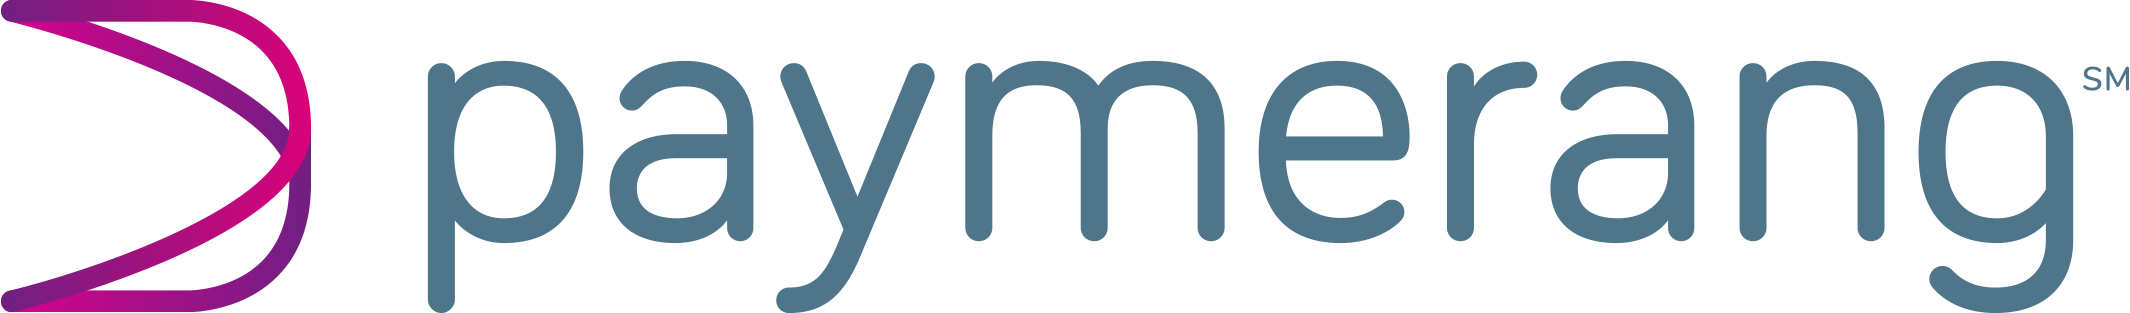 Paymerang, LLC logo